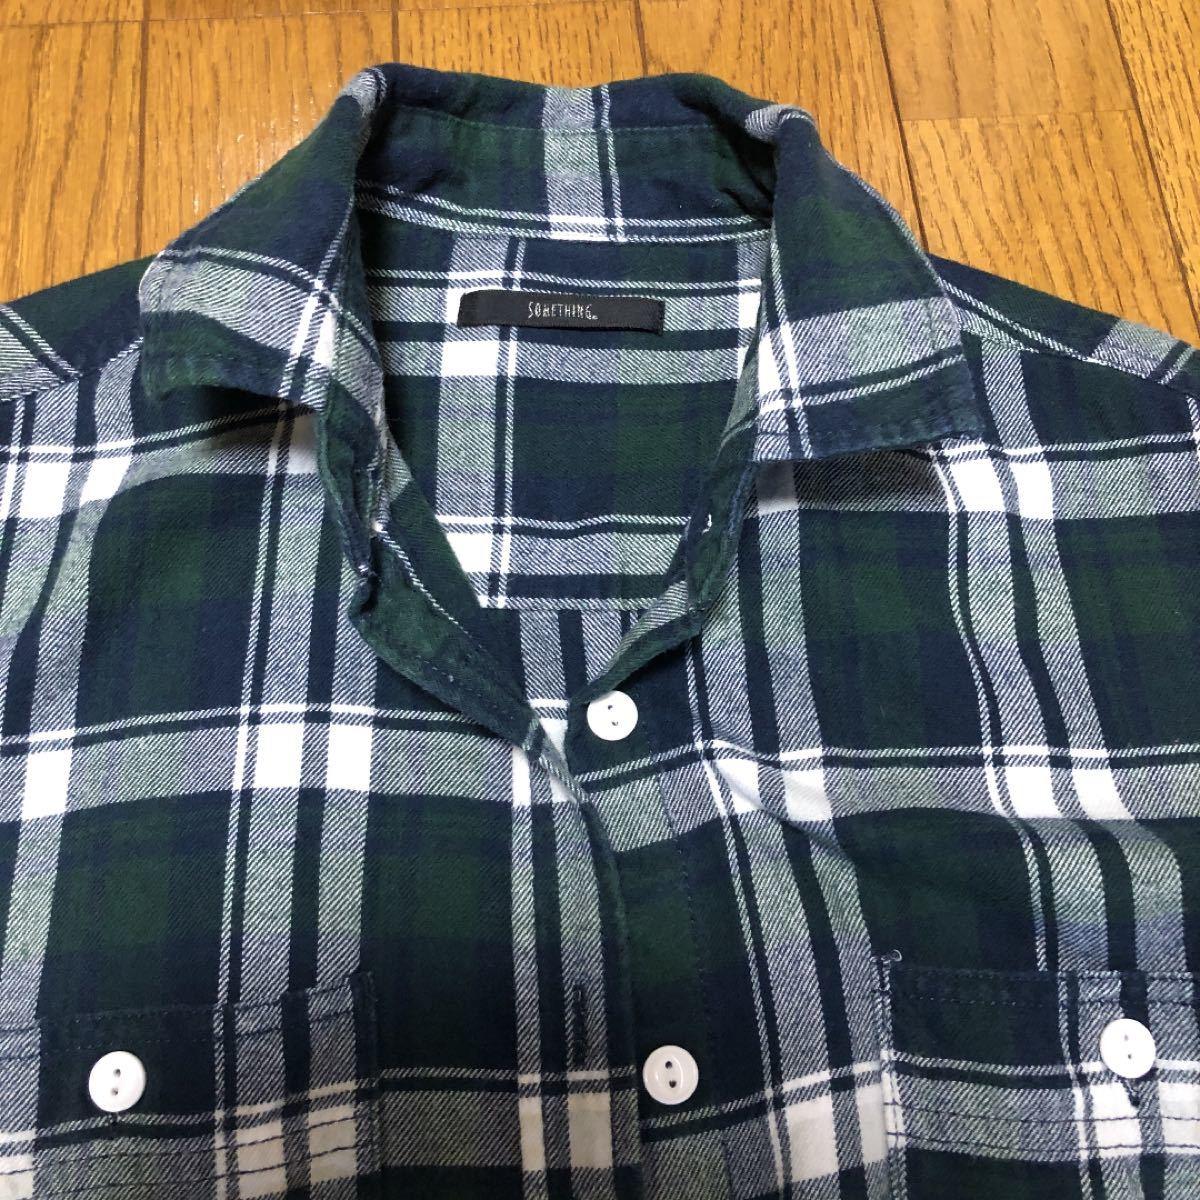 チェックシャツ シャツワンピース グリーン系